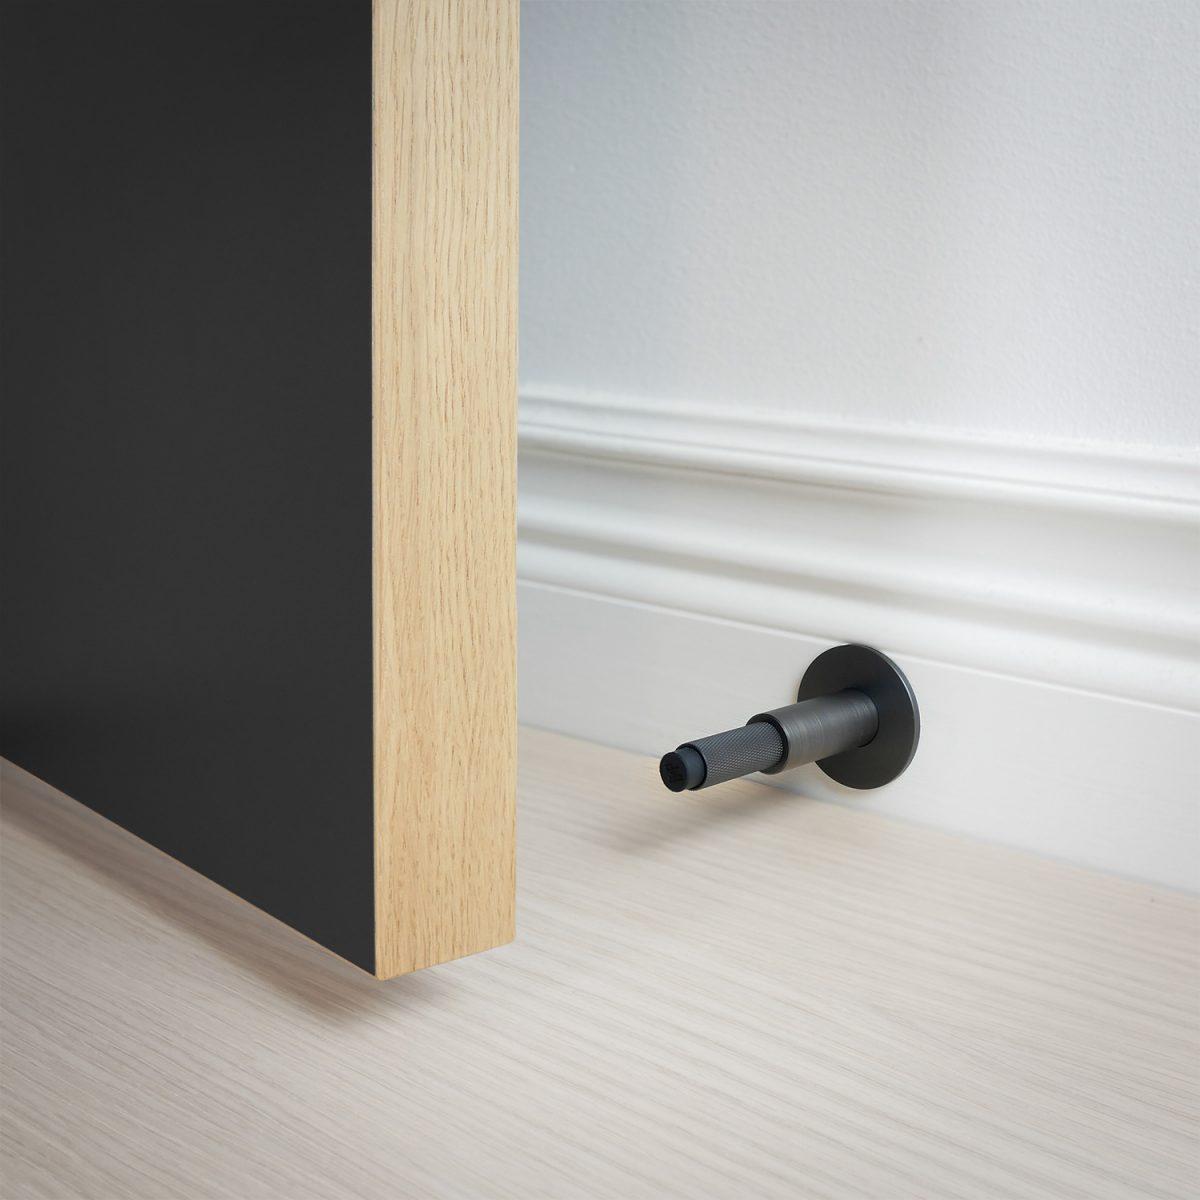 dörrstopp-vägg-dörr-brons-buster-punch-njord